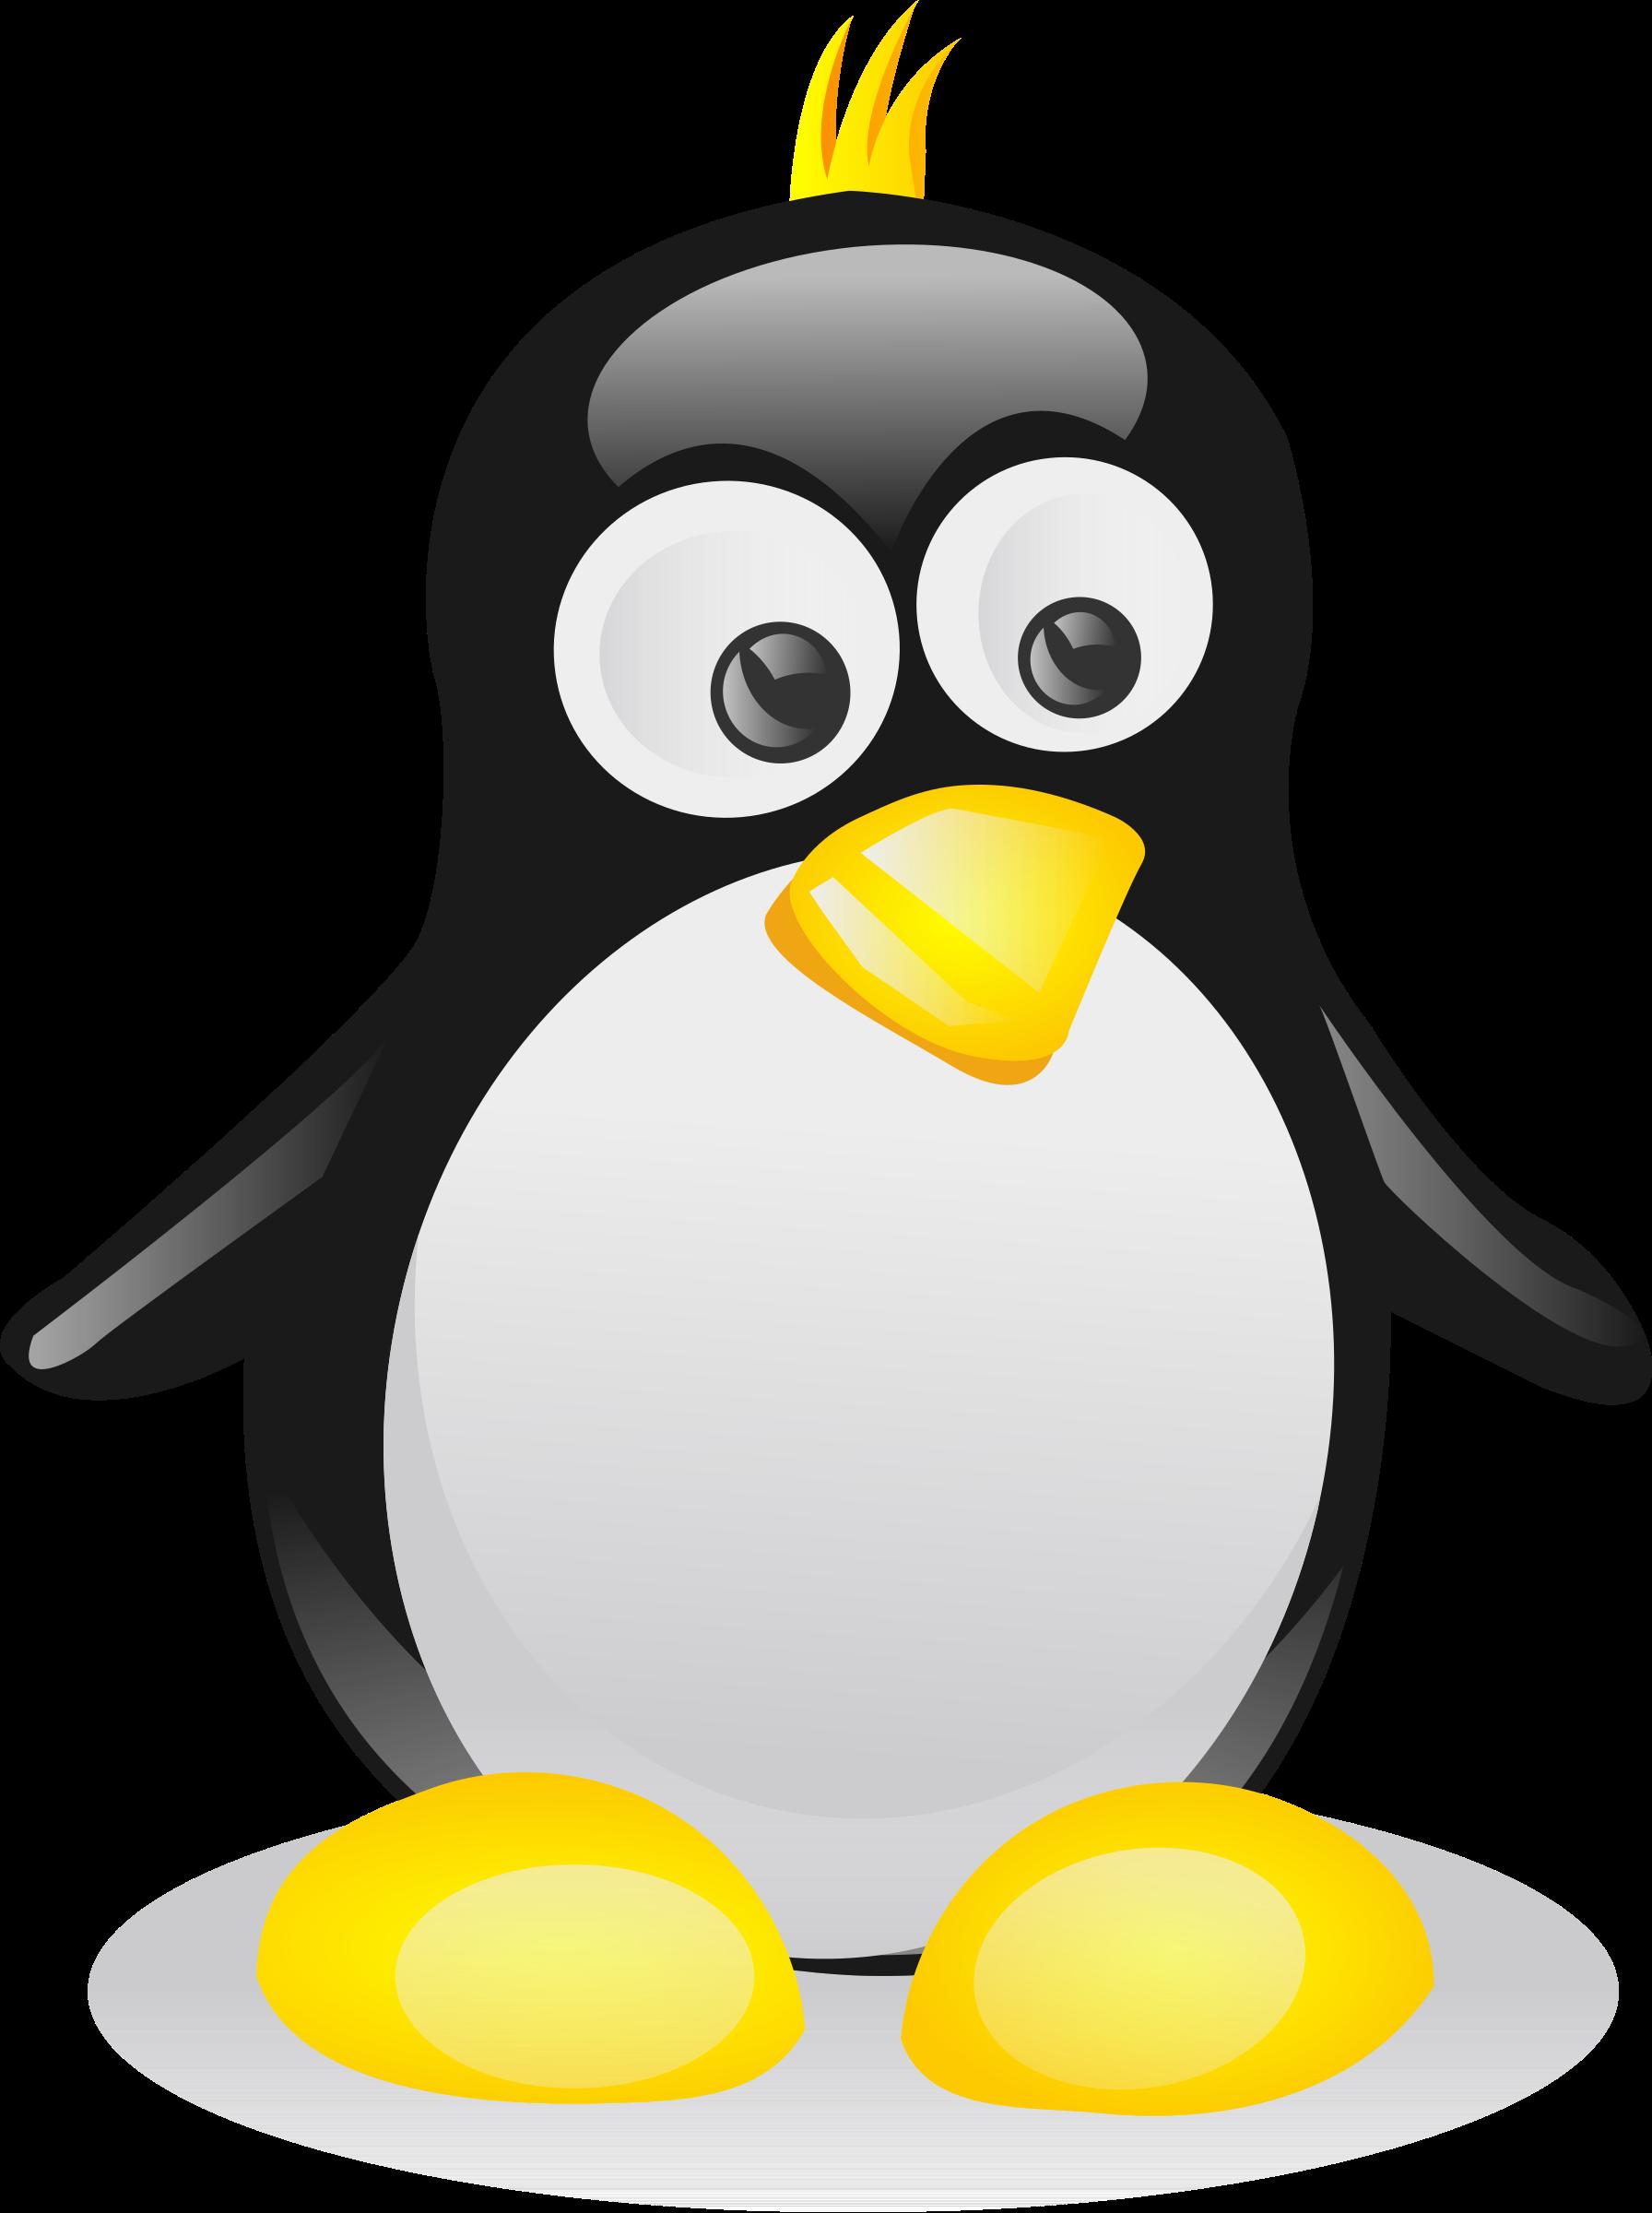 codigos para free penguin: codigos de free penguin